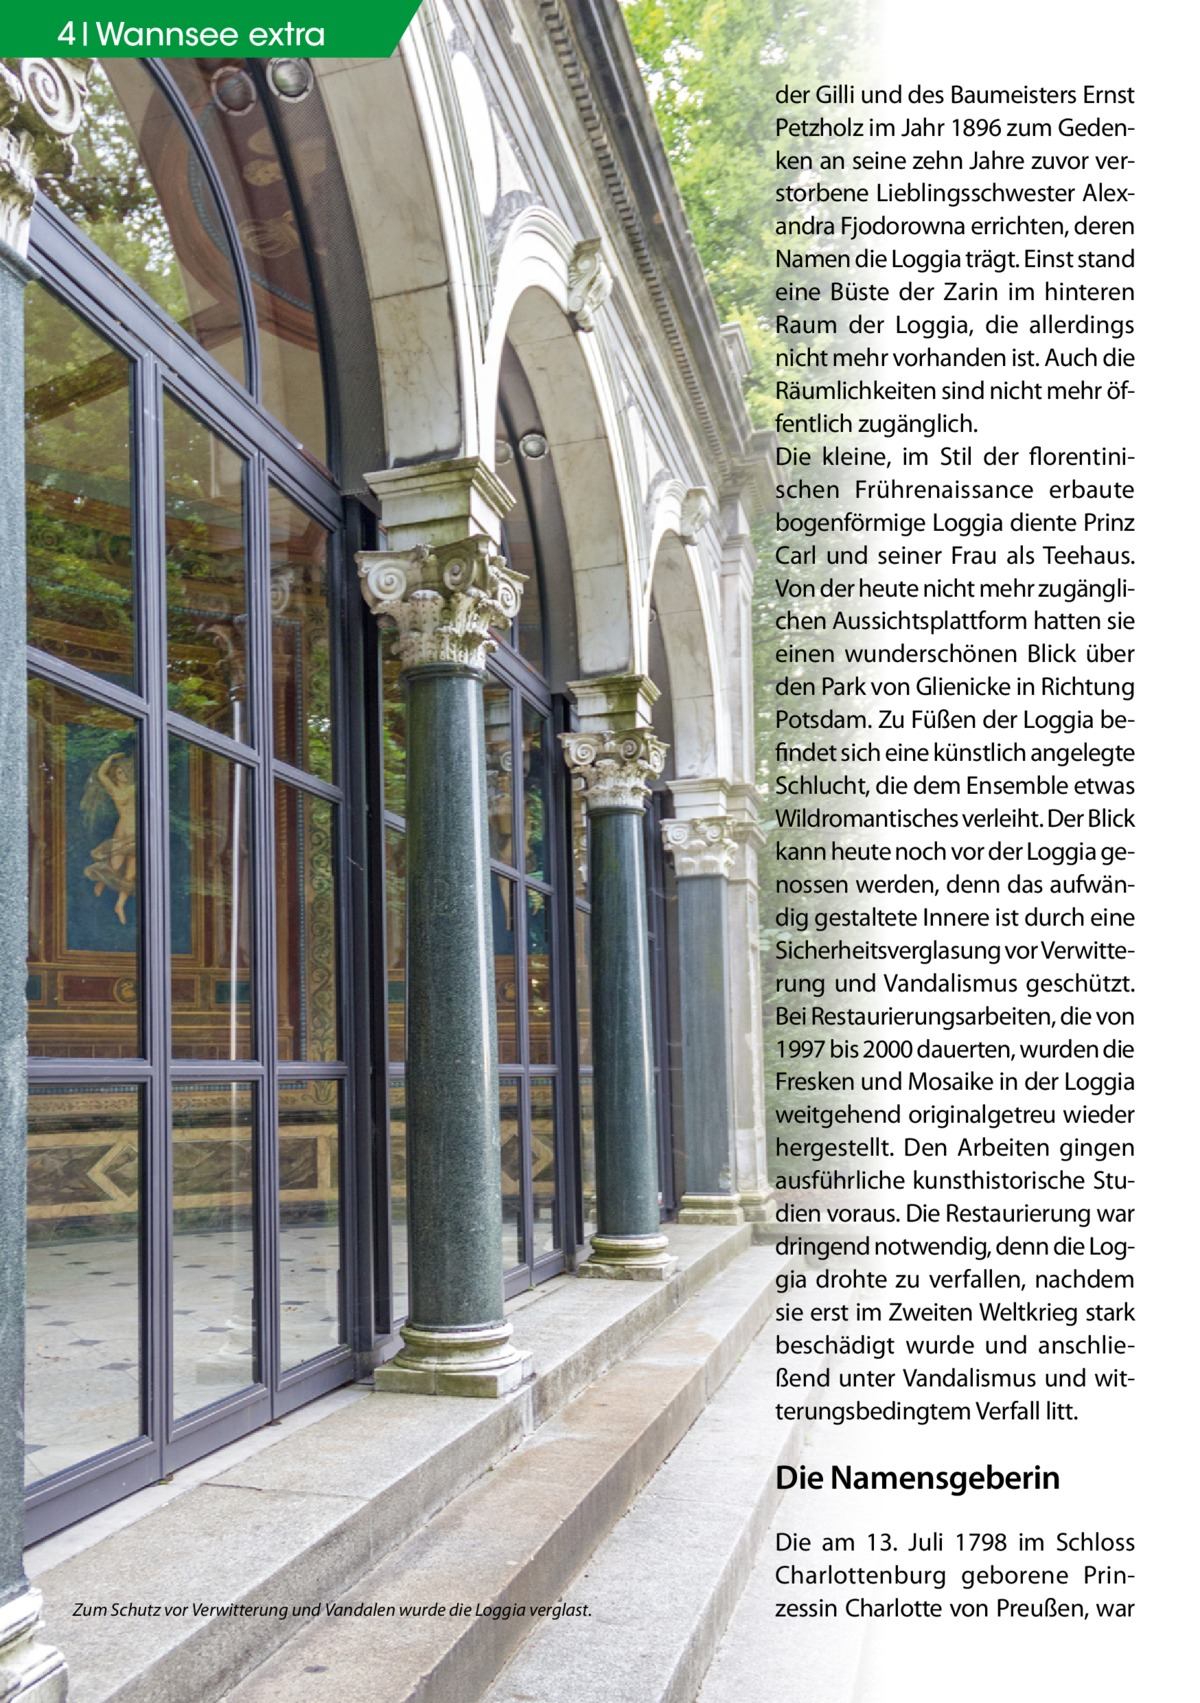 4 Geschichte Wannsee extra der Gilli und des Baumeisters Ernst Petzholz im Jahr 1896 zum Gedenken an seine zehn Jahre zuvor verstorbene Lieblingsschwester Alexandra Fjodorowna errichten, deren Namen die Loggia trägt. Einst stand eine Büste der Zarin im hinteren Raum der Loggia, die allerdings nicht mehr vorhanden ist. Auch die Räumlichkeiten sind nicht mehr öffentlich zugänglich. Die kleine, im Stil der florentinischen Frührenaissance erbaute bogenförmige Loggia diente Prinz Carl und seiner Frau als Teehaus. Von der heute nicht mehr zugänglichen Aussichtsplattform hatten sie einen wunderschönen Blick über den Park von Glienicke in Richtung Potsdam. Zu Füßen der Loggia befindet sich eine künstlich angelegte Schlucht, die dem Ensemble etwas Wildromantisches verleiht. Der Blick kann heute noch vor der Loggia genossen werden, denn das aufwändig gestaltete Innere ist durch eine Sicherheitsverglasung vor Verwitterung und Vandalismus geschützt. Bei Restaurierungsarbeiten, die von 1997 bis 2000 dauerten, wurden die Fresken und Mosaike in der Loggia weitgehend originalgetreu wieder hergestellt. Den Arbeiten gingen ausführliche kunsthistorische Studien voraus. Die Restaurierung war dringend notwendig, denn die Loggia drohte zu verfallen, nachdem sie erst im Zweiten Weltkrieg stark beschädigt wurde und anschließend unter Vandalismus und witterungsbedingtem Verfall litt.  Die Namensgeberin  Zum Schutz vor Verwitterung und Vandalen wurde die Loggia verglast.  Die am 13. Juli 1798 im Schloss Charlottenburg geborene Prinzessin Charlotte von Preußen, war